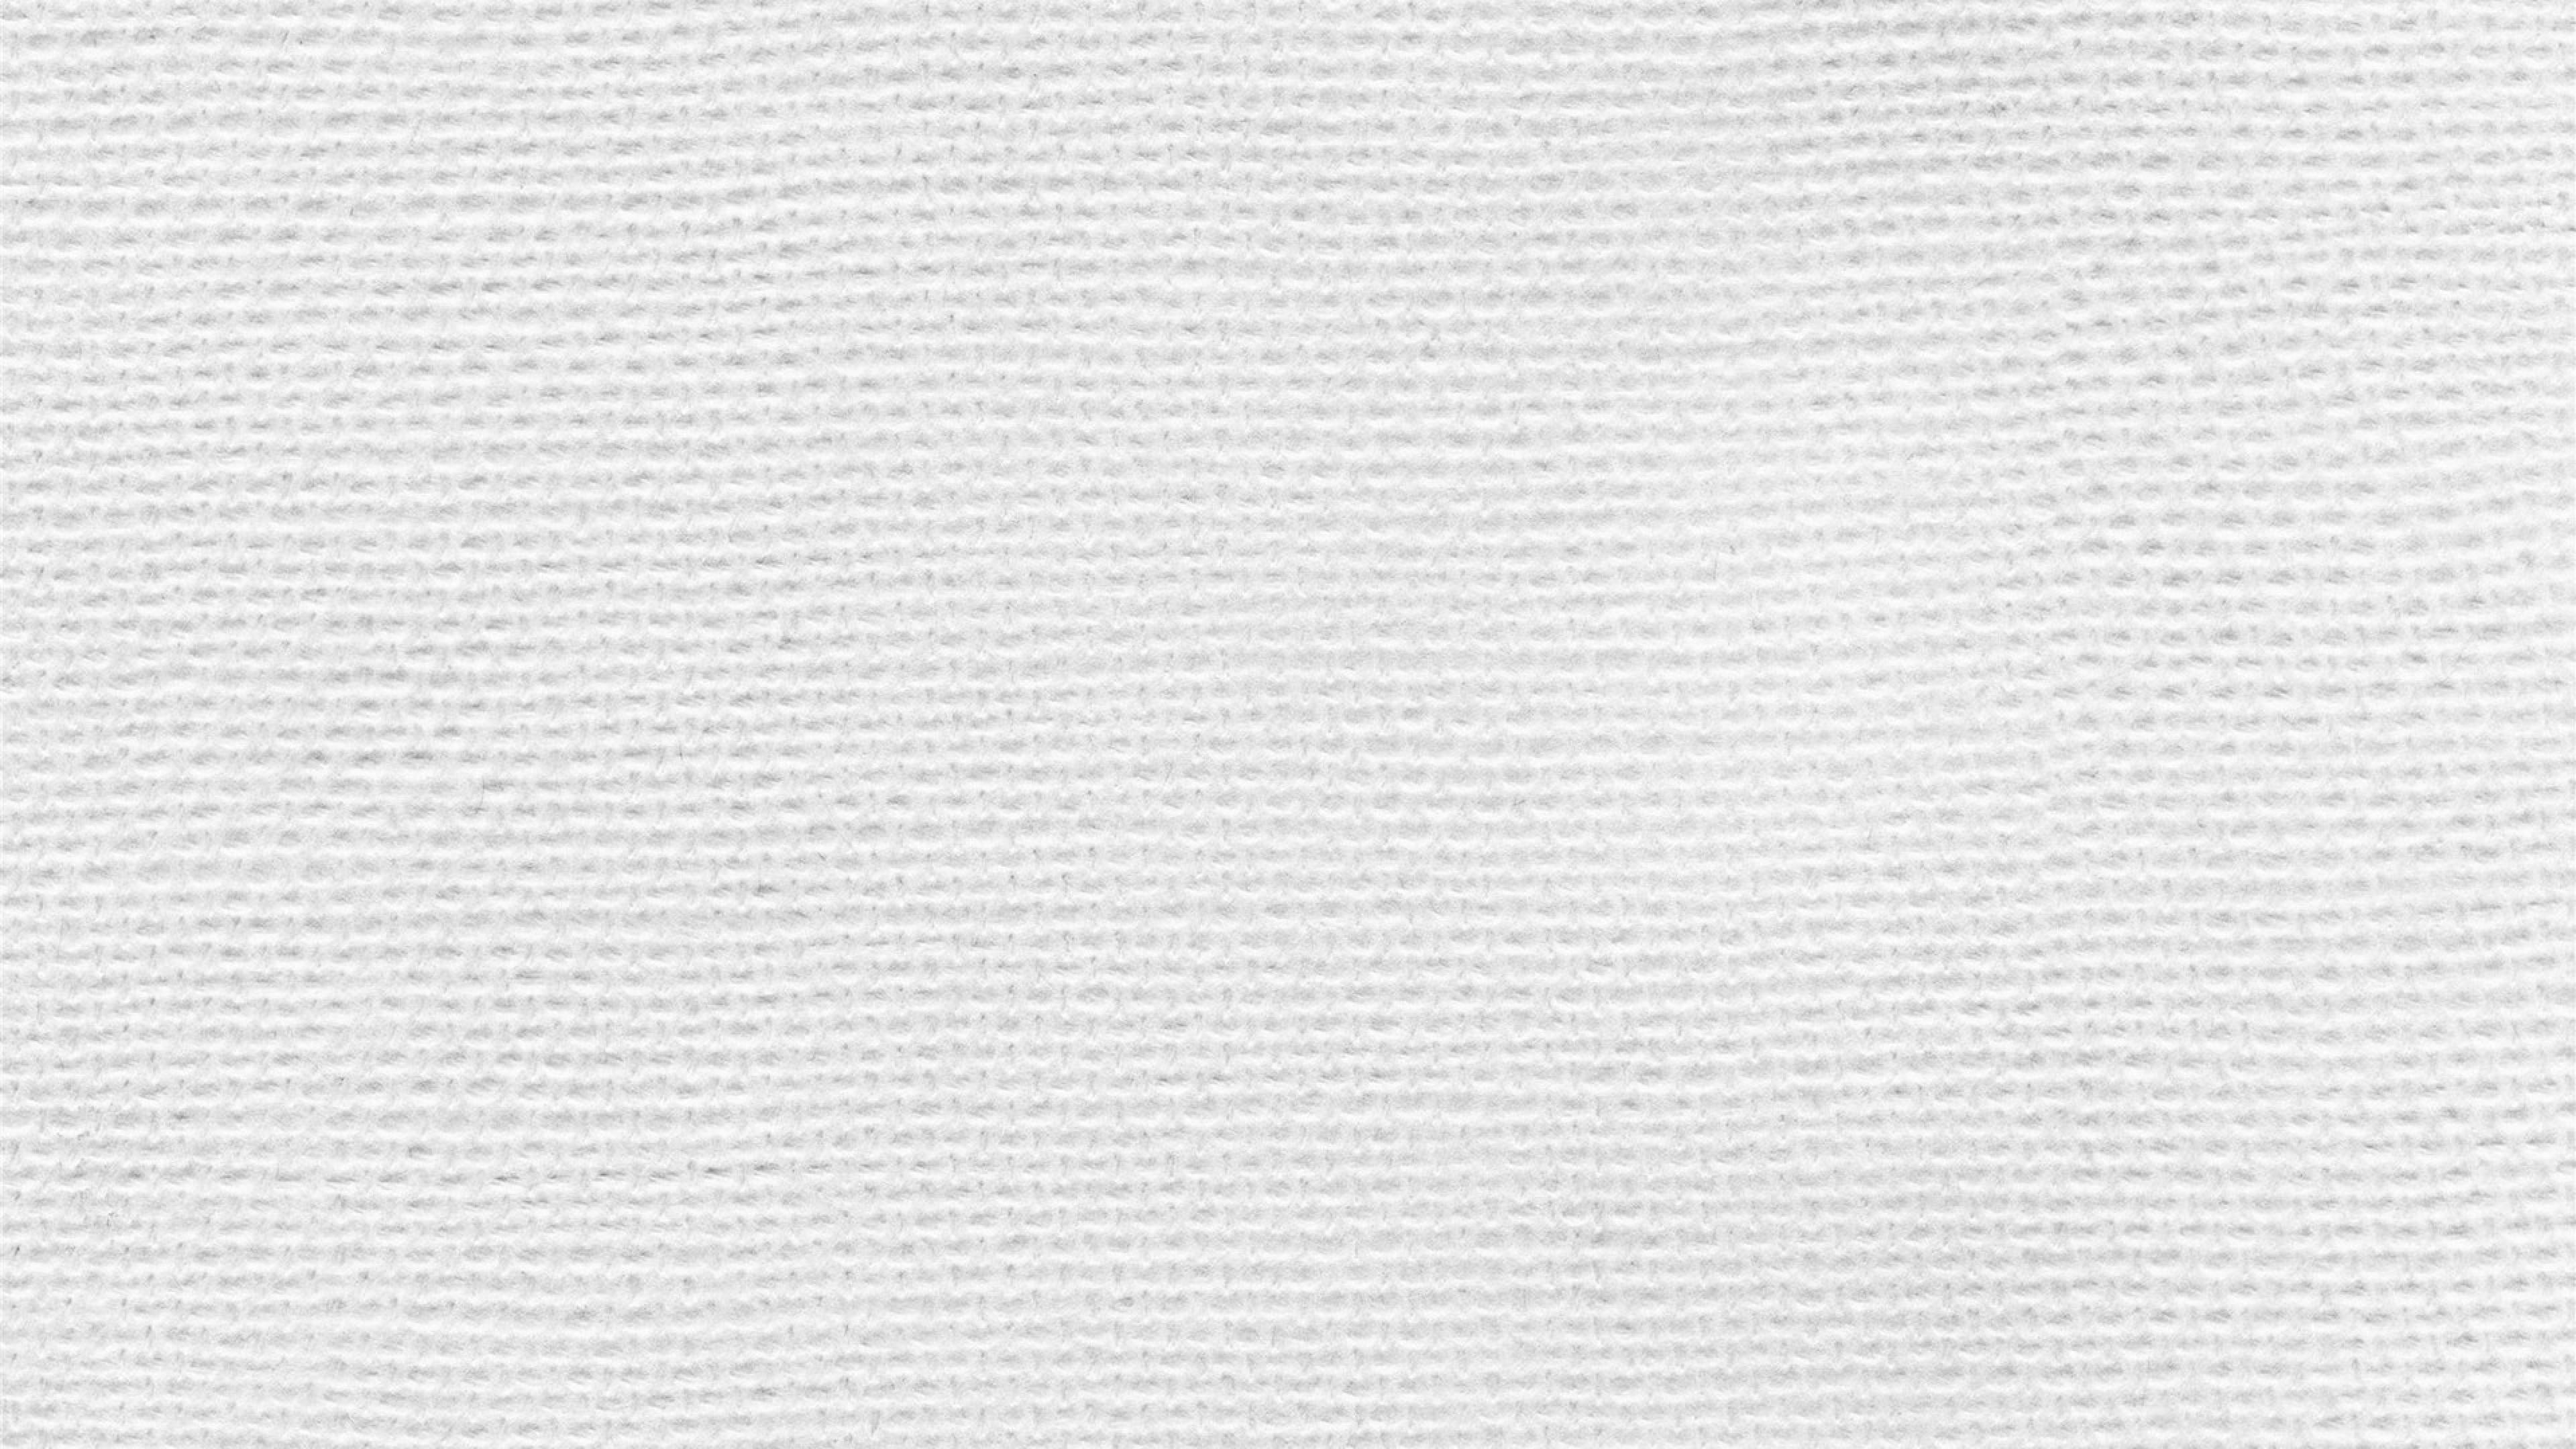 Wallpaper surface, light, texture, background